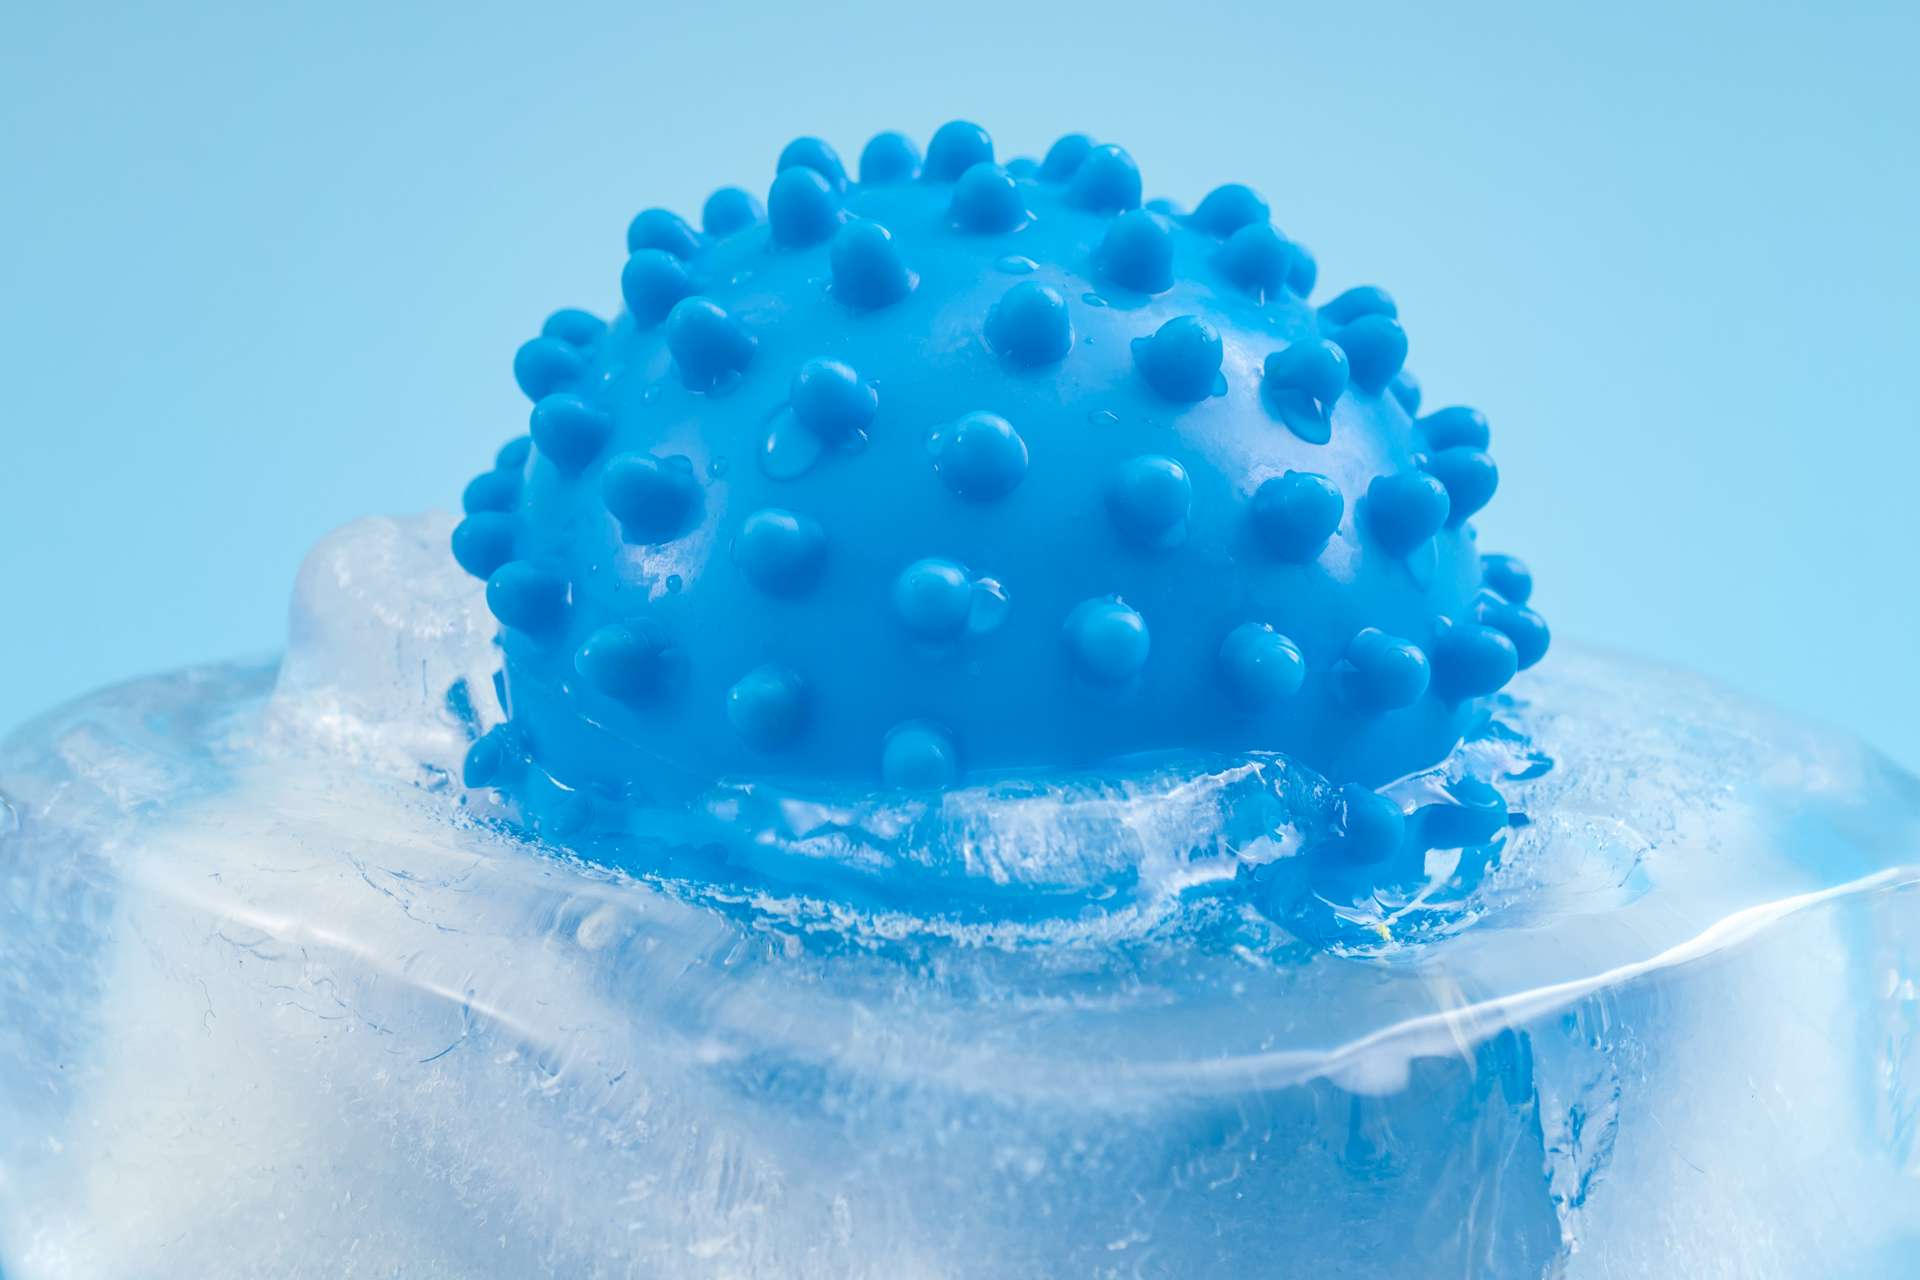 Les micro-organismes, dont des virus, libérés des glaces ou du permafrost à cause du réchauffement climatique restent encore largement méconnus. © Victor Moussa, Adobe Stock